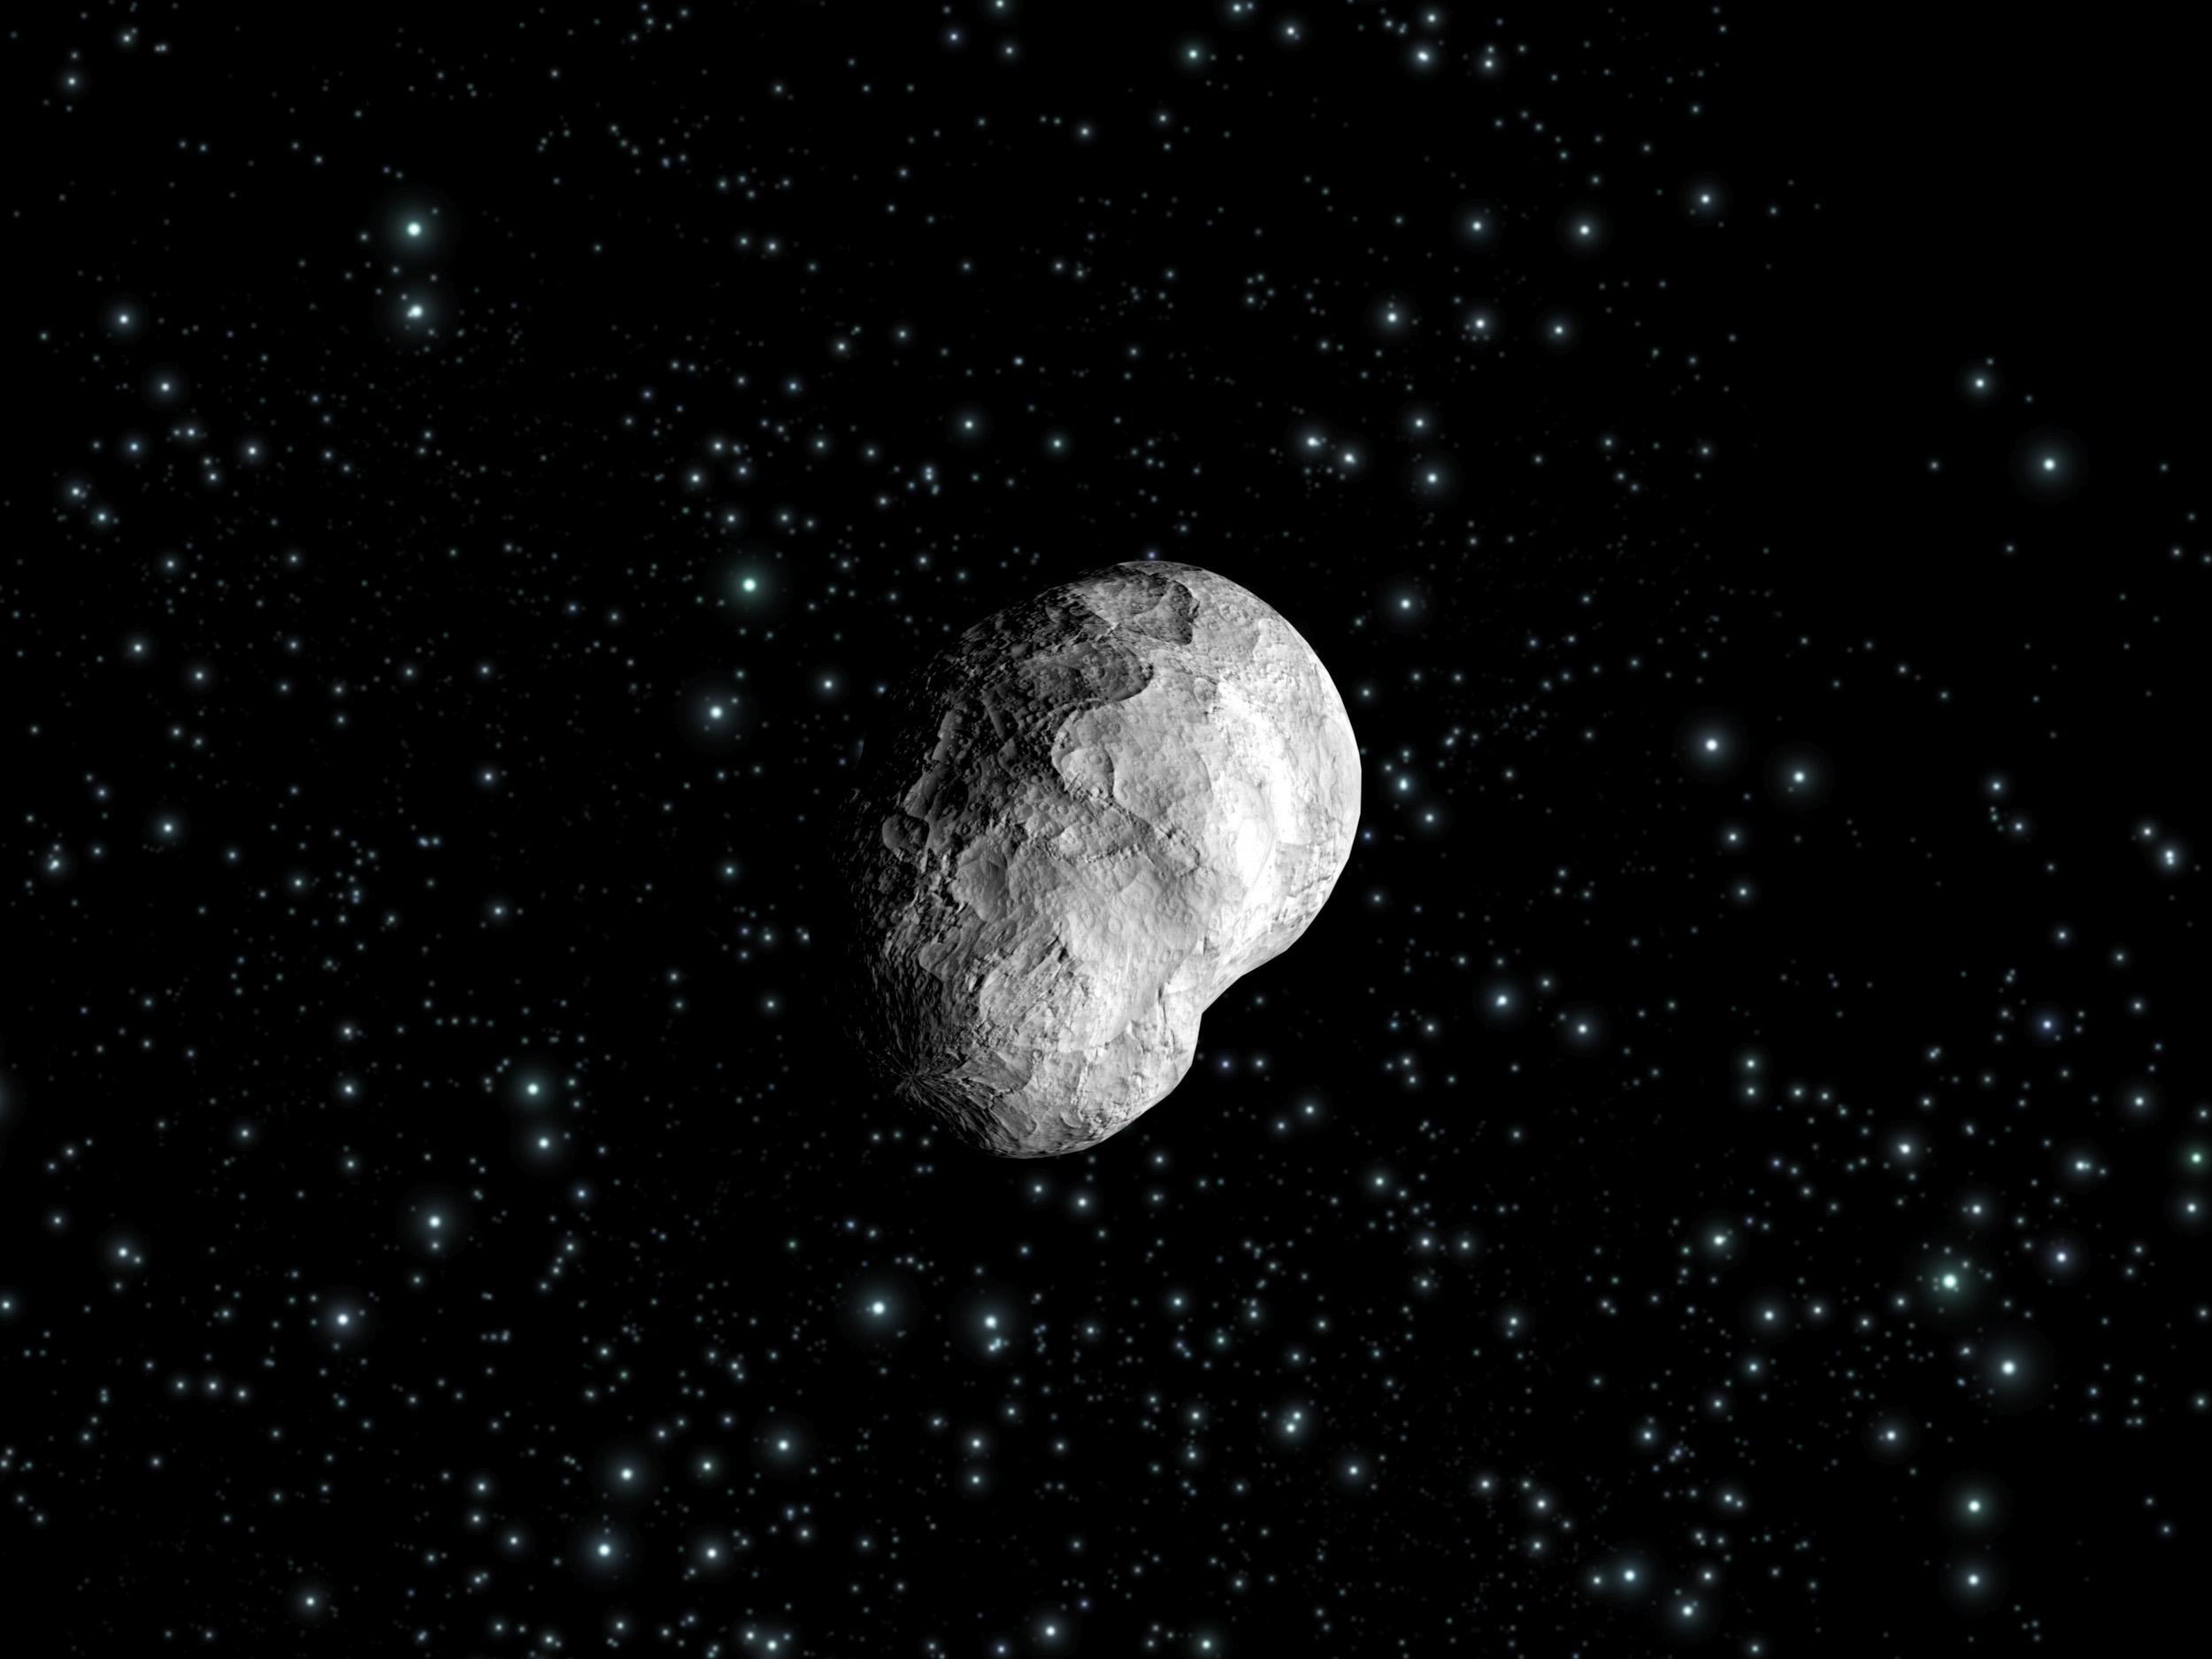 Ne manquez pas le survol de l'astéroïde Lutetia par la sonde spatiale Rosetta